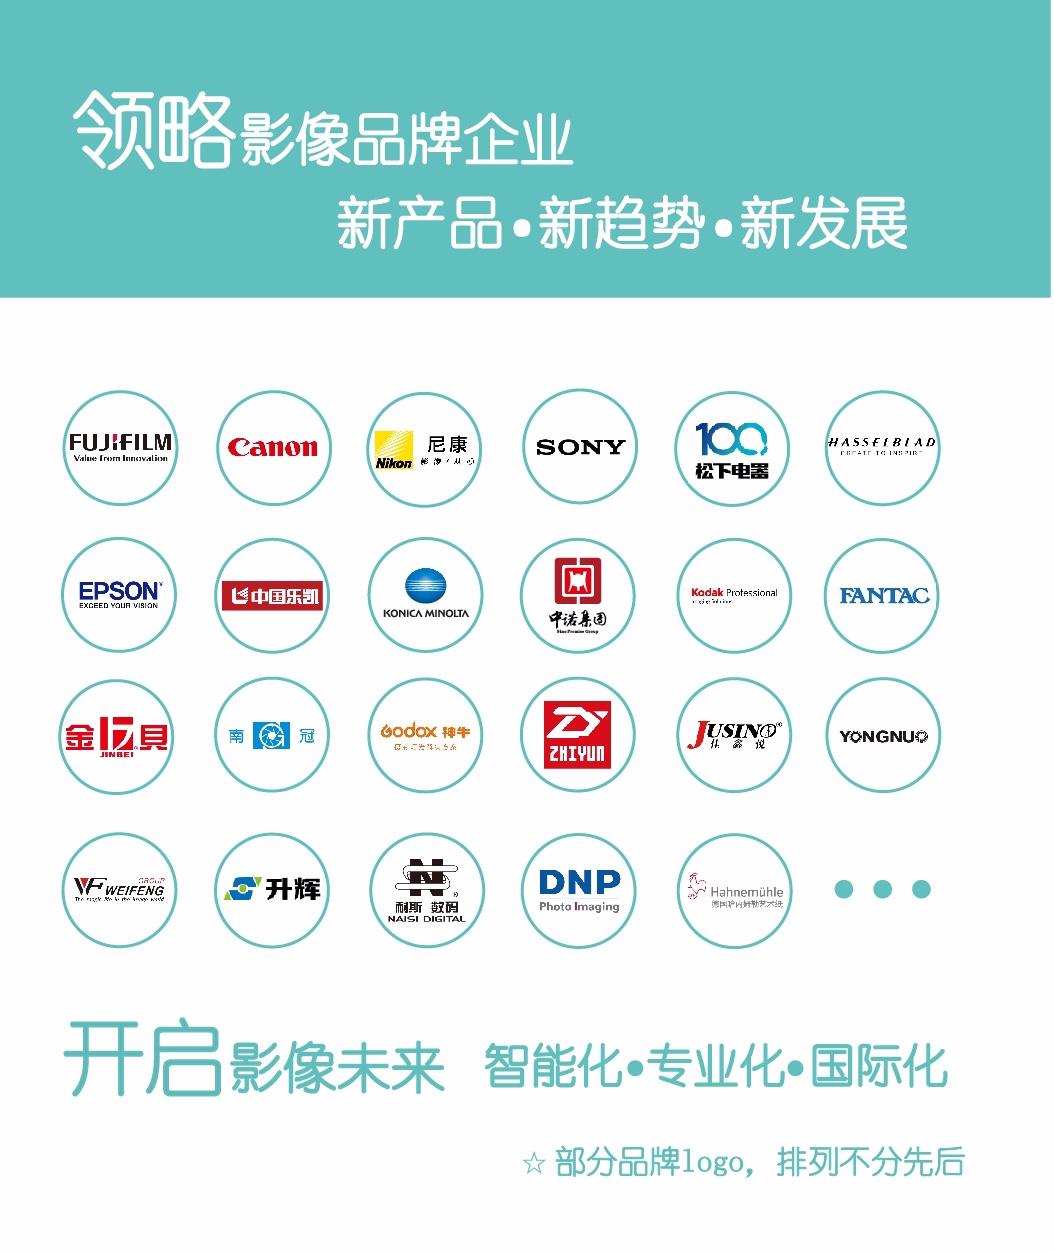 摄影明信片-05-品牌logo.jpg